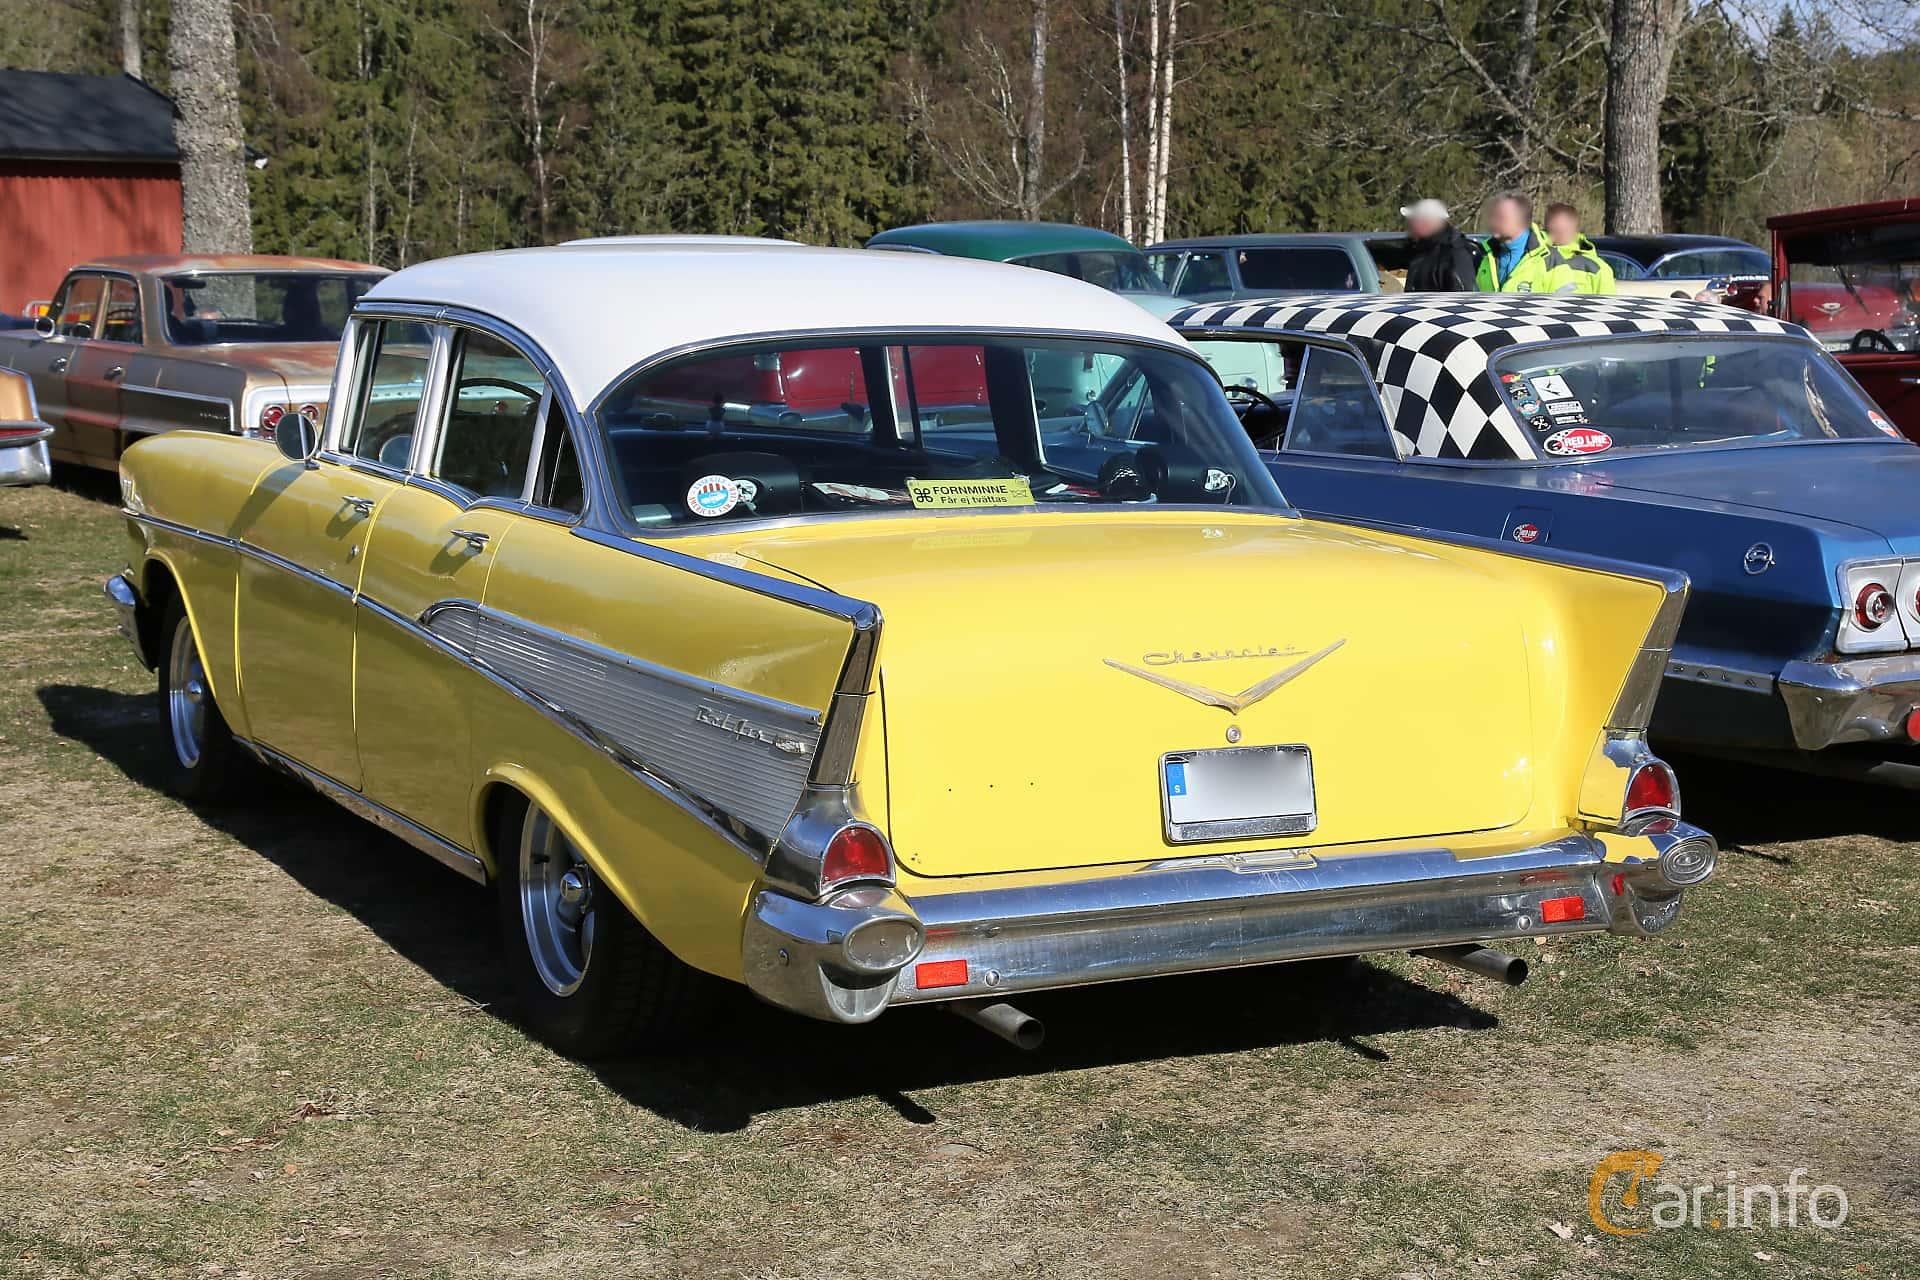 Chevrolet Bel Air 4-door Sedan 4.6 V8 Powerglide, 254hp, 1957 at Uddevalla Veteranbilsmarknad Backamo, Ljungsk 2019